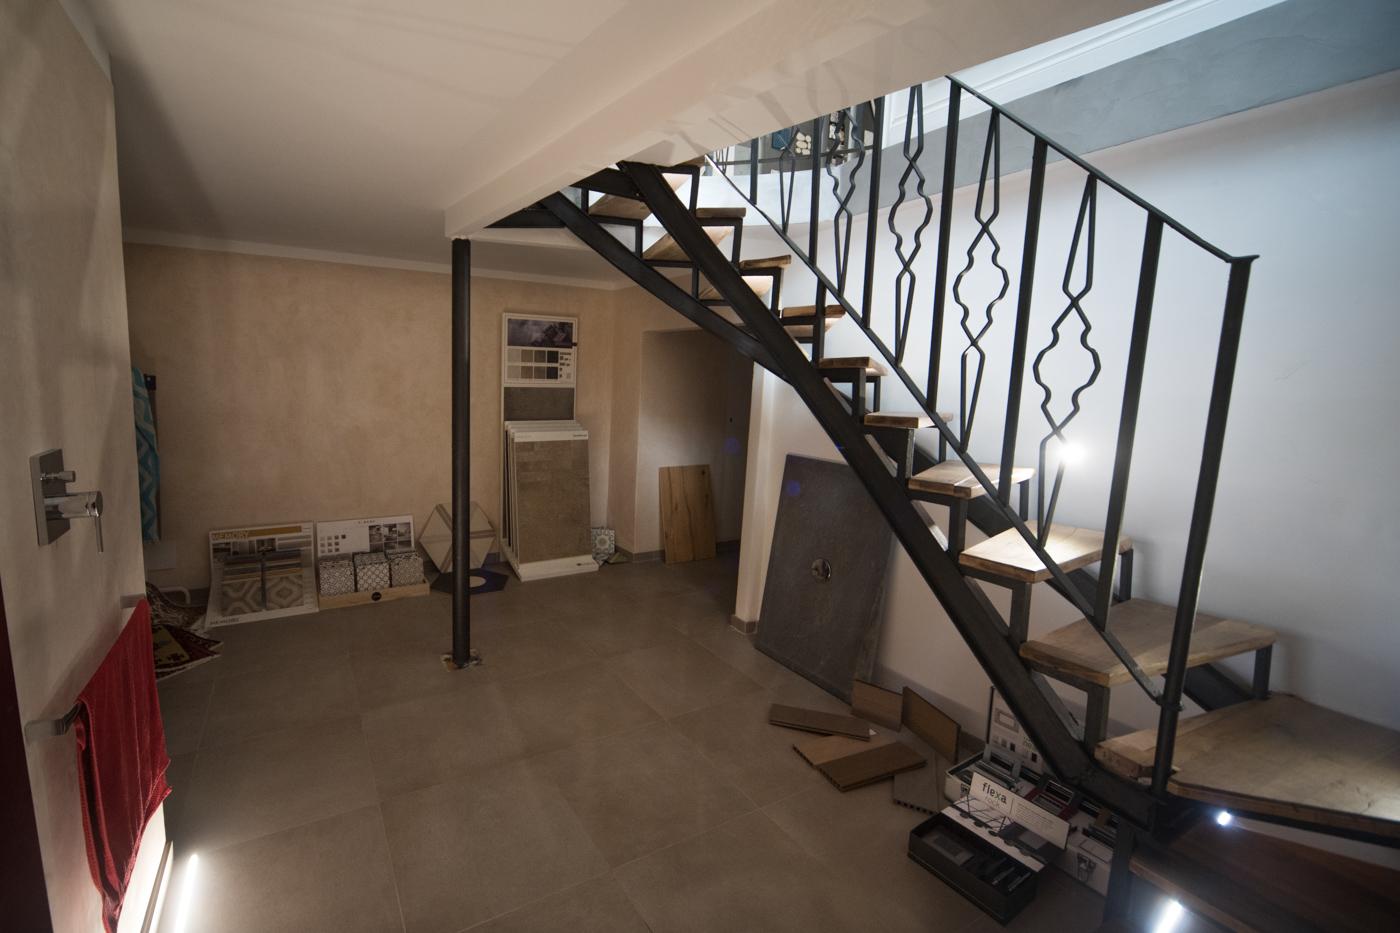 valentina solera, architetto, interior, ristrutturazione, genova, liguria, italy, interior5-9.jpg